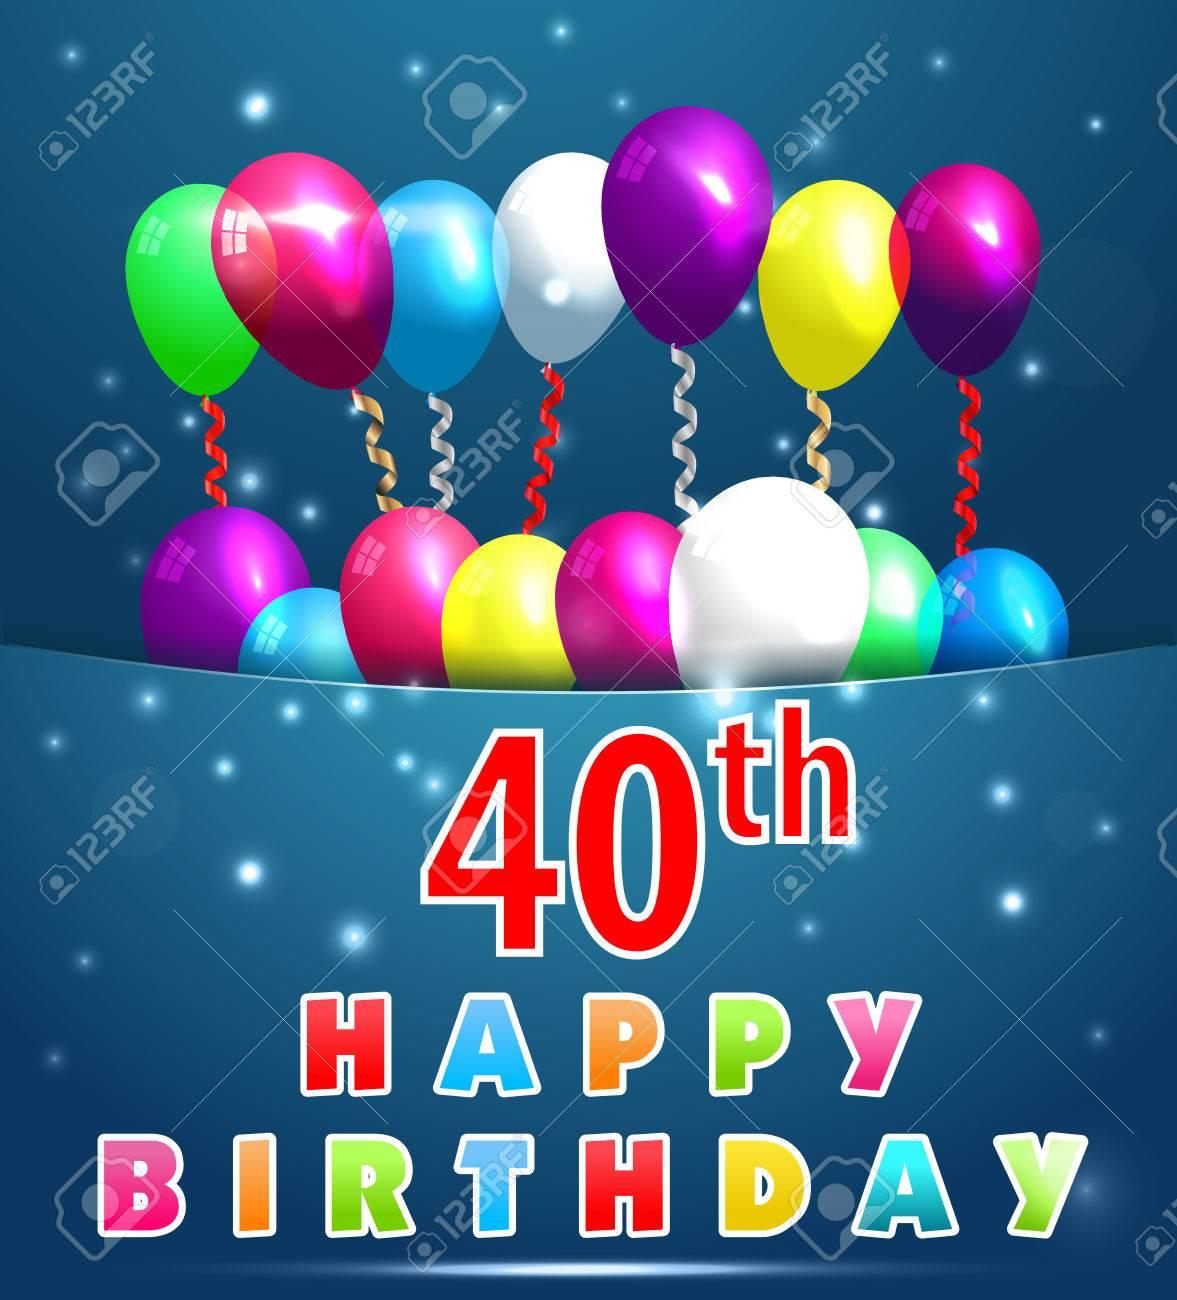 40 Jahre Alles Gute Zum Geburtstag Karte Mit Luftballons Und Bandern